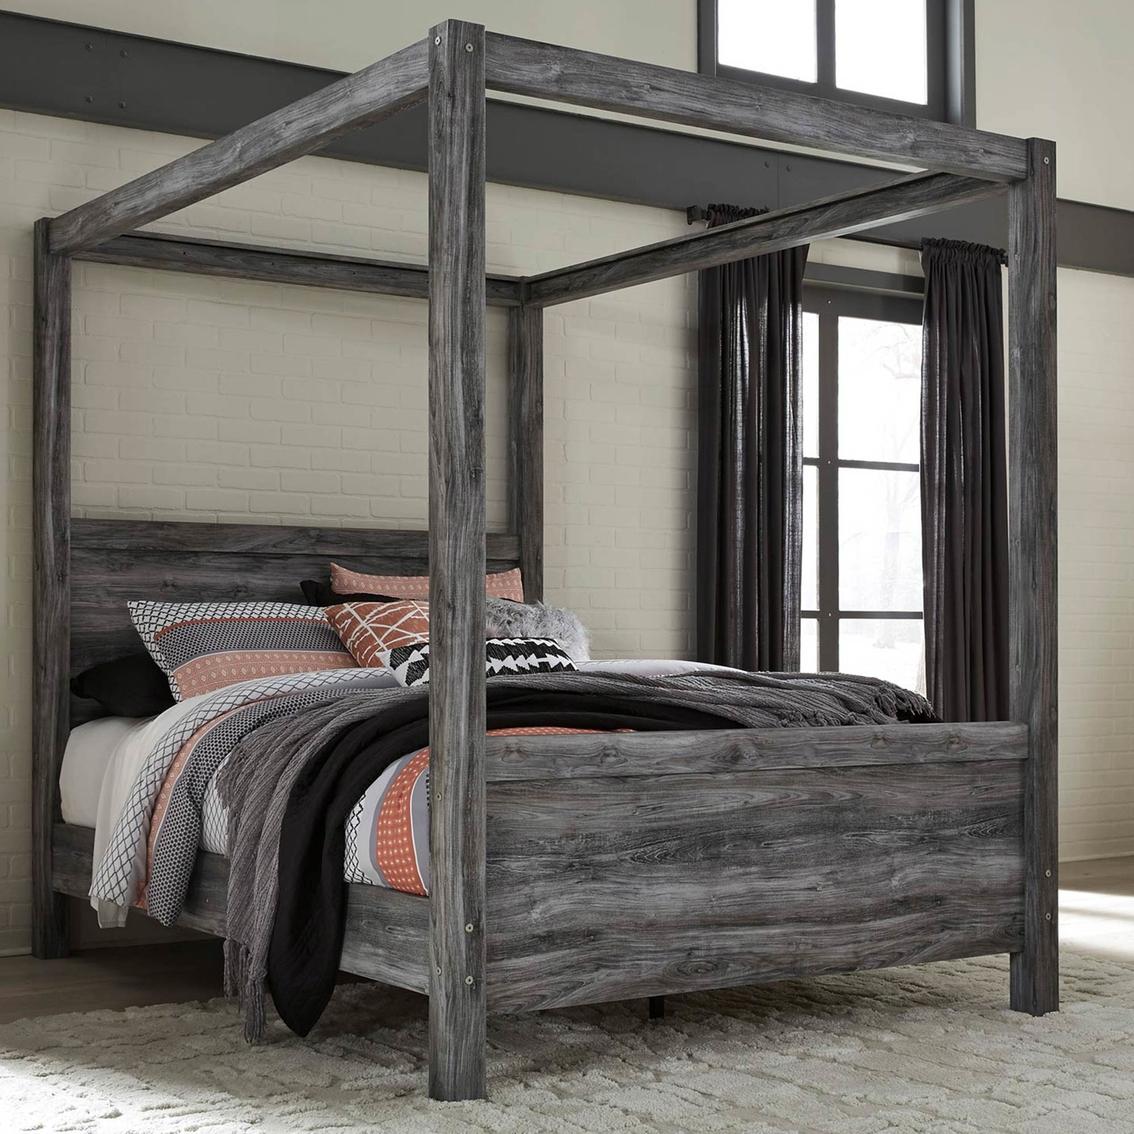 90a0e1d1d9c1 Signature Design By Ashley Baystorm Canopy Bed